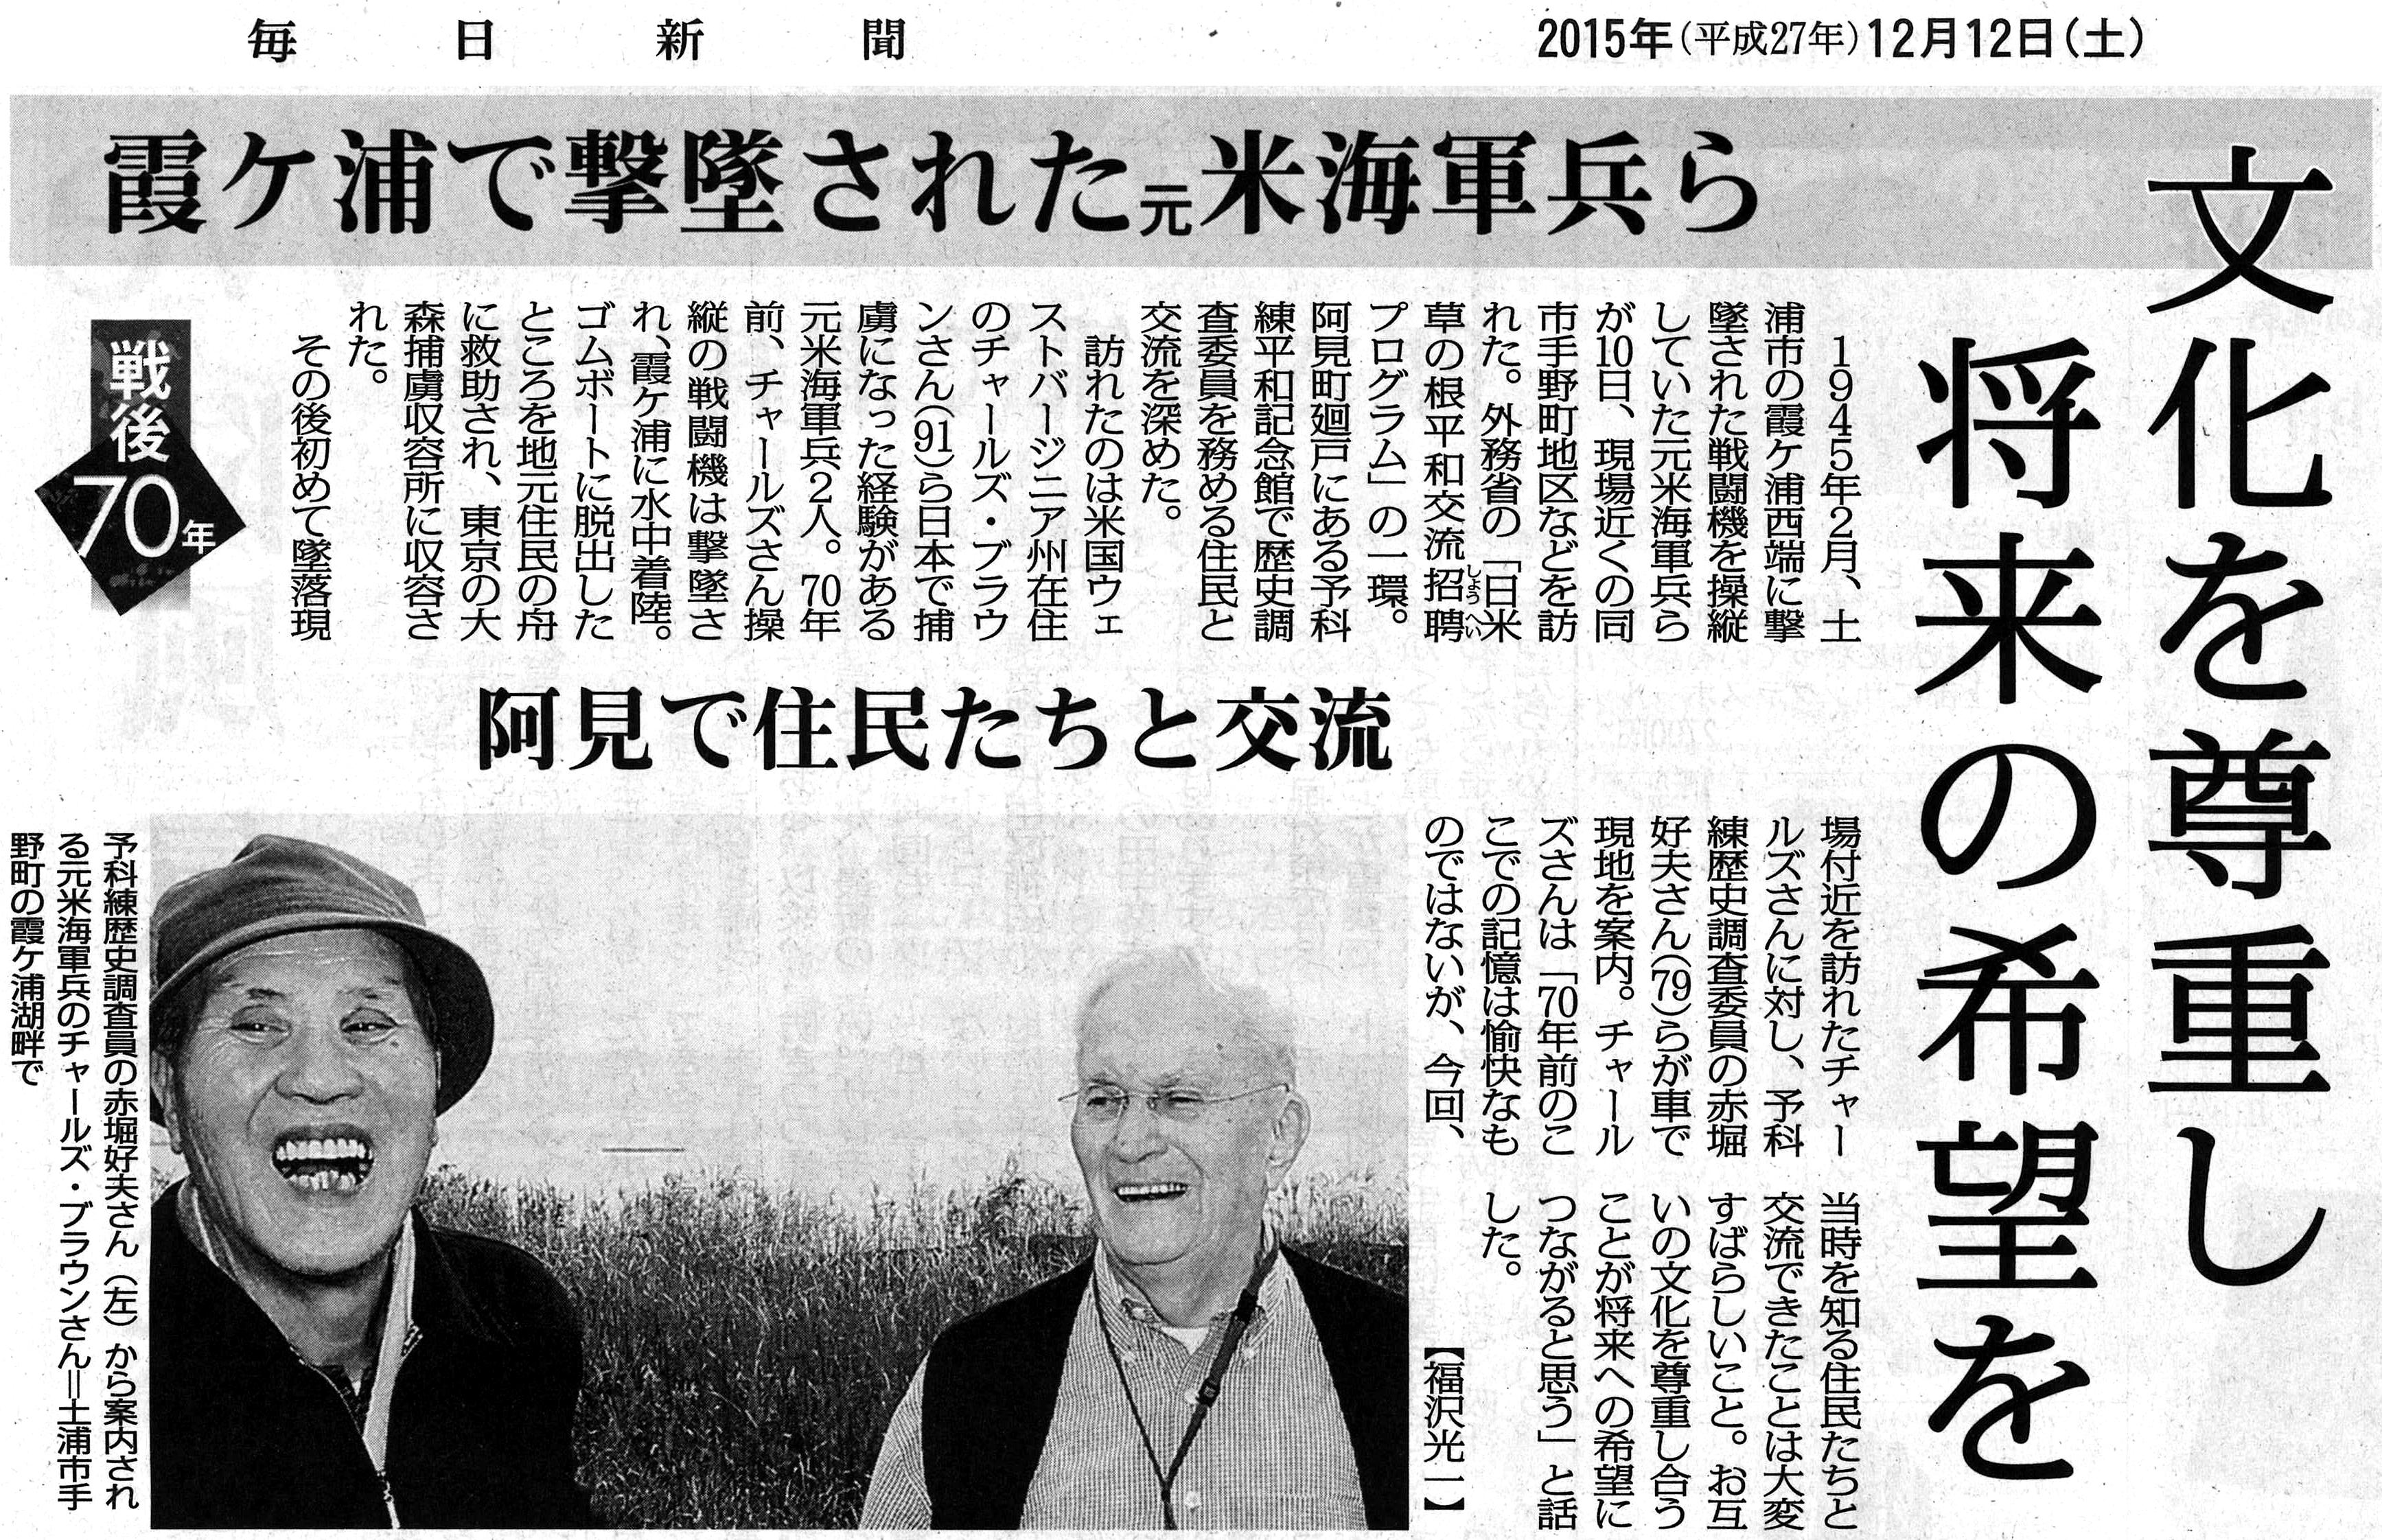 【毎日新聞】霞ヶ浦で撃墜された元米海軍兵ら 文化を尊重し将来の希望を